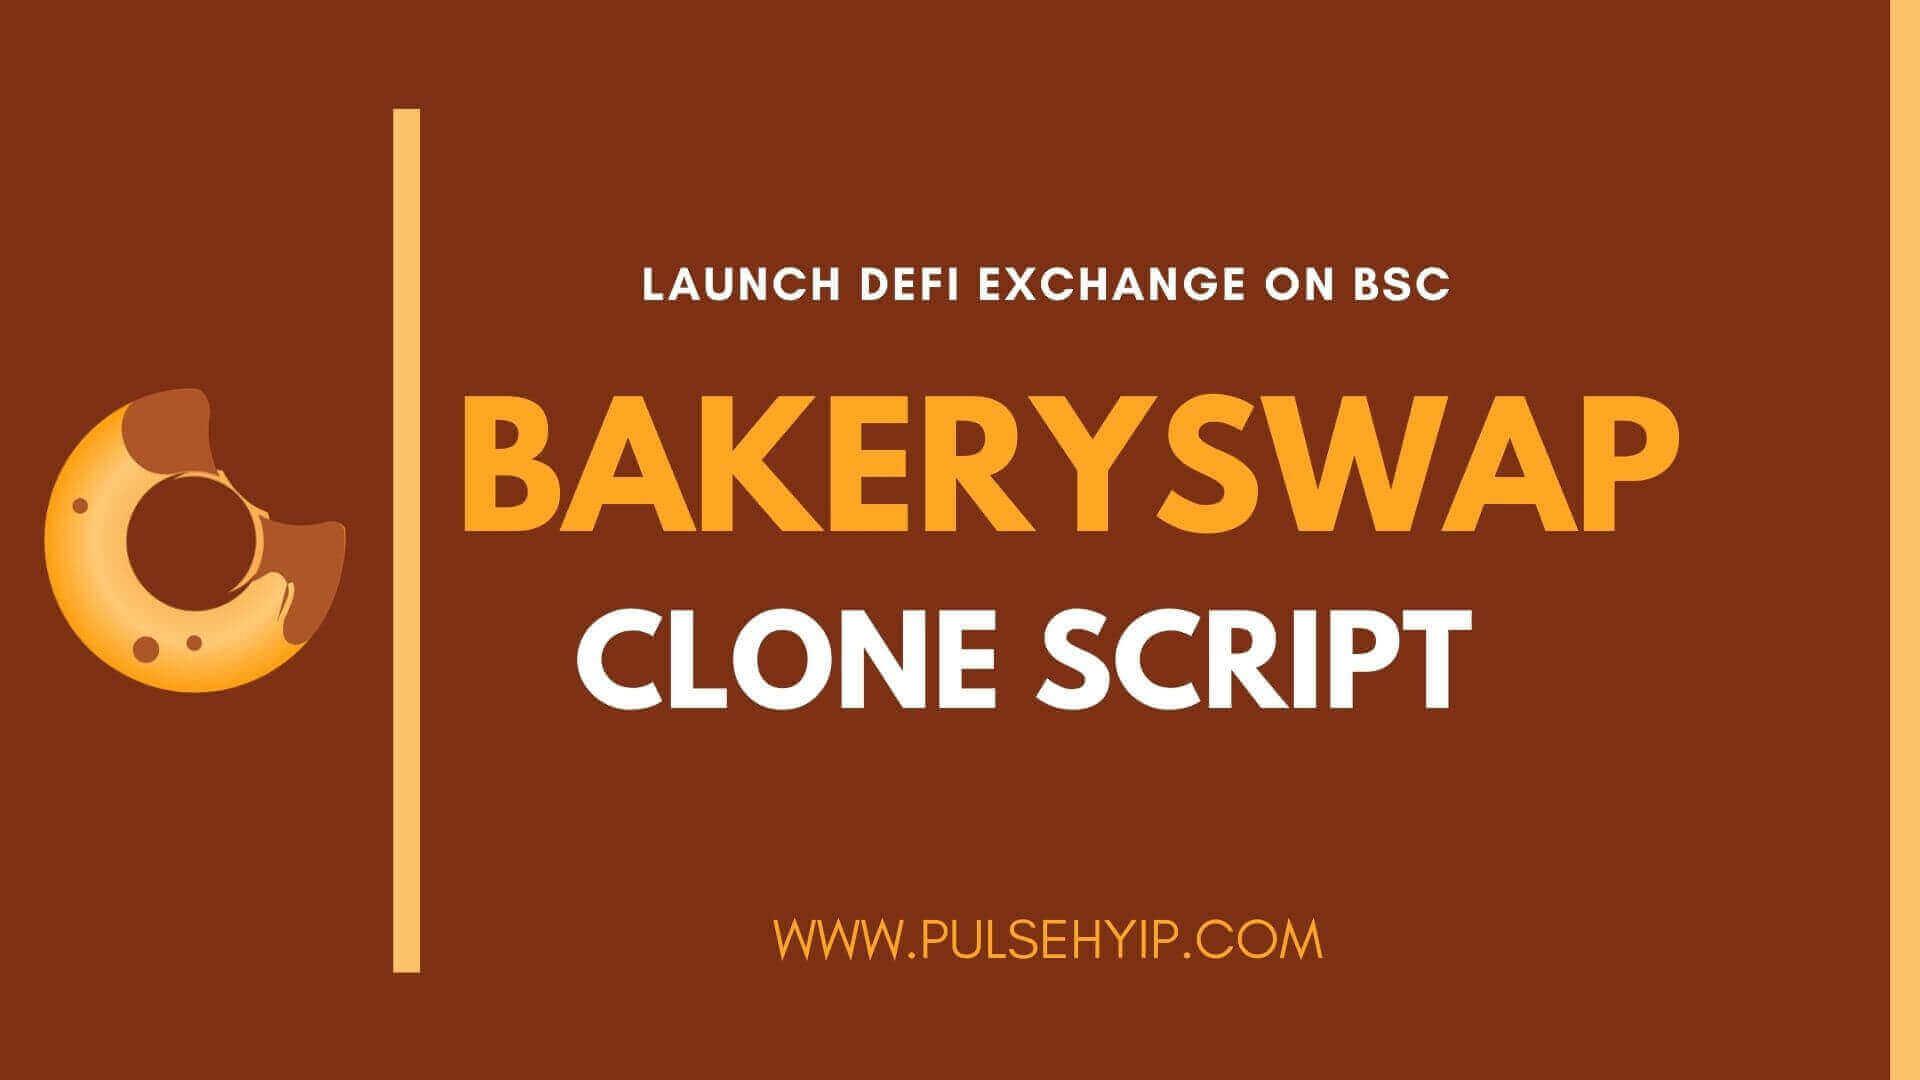 BakerySwap Clone Script - A Guide to Develop DeFi Exchange on Binance Smart Chain